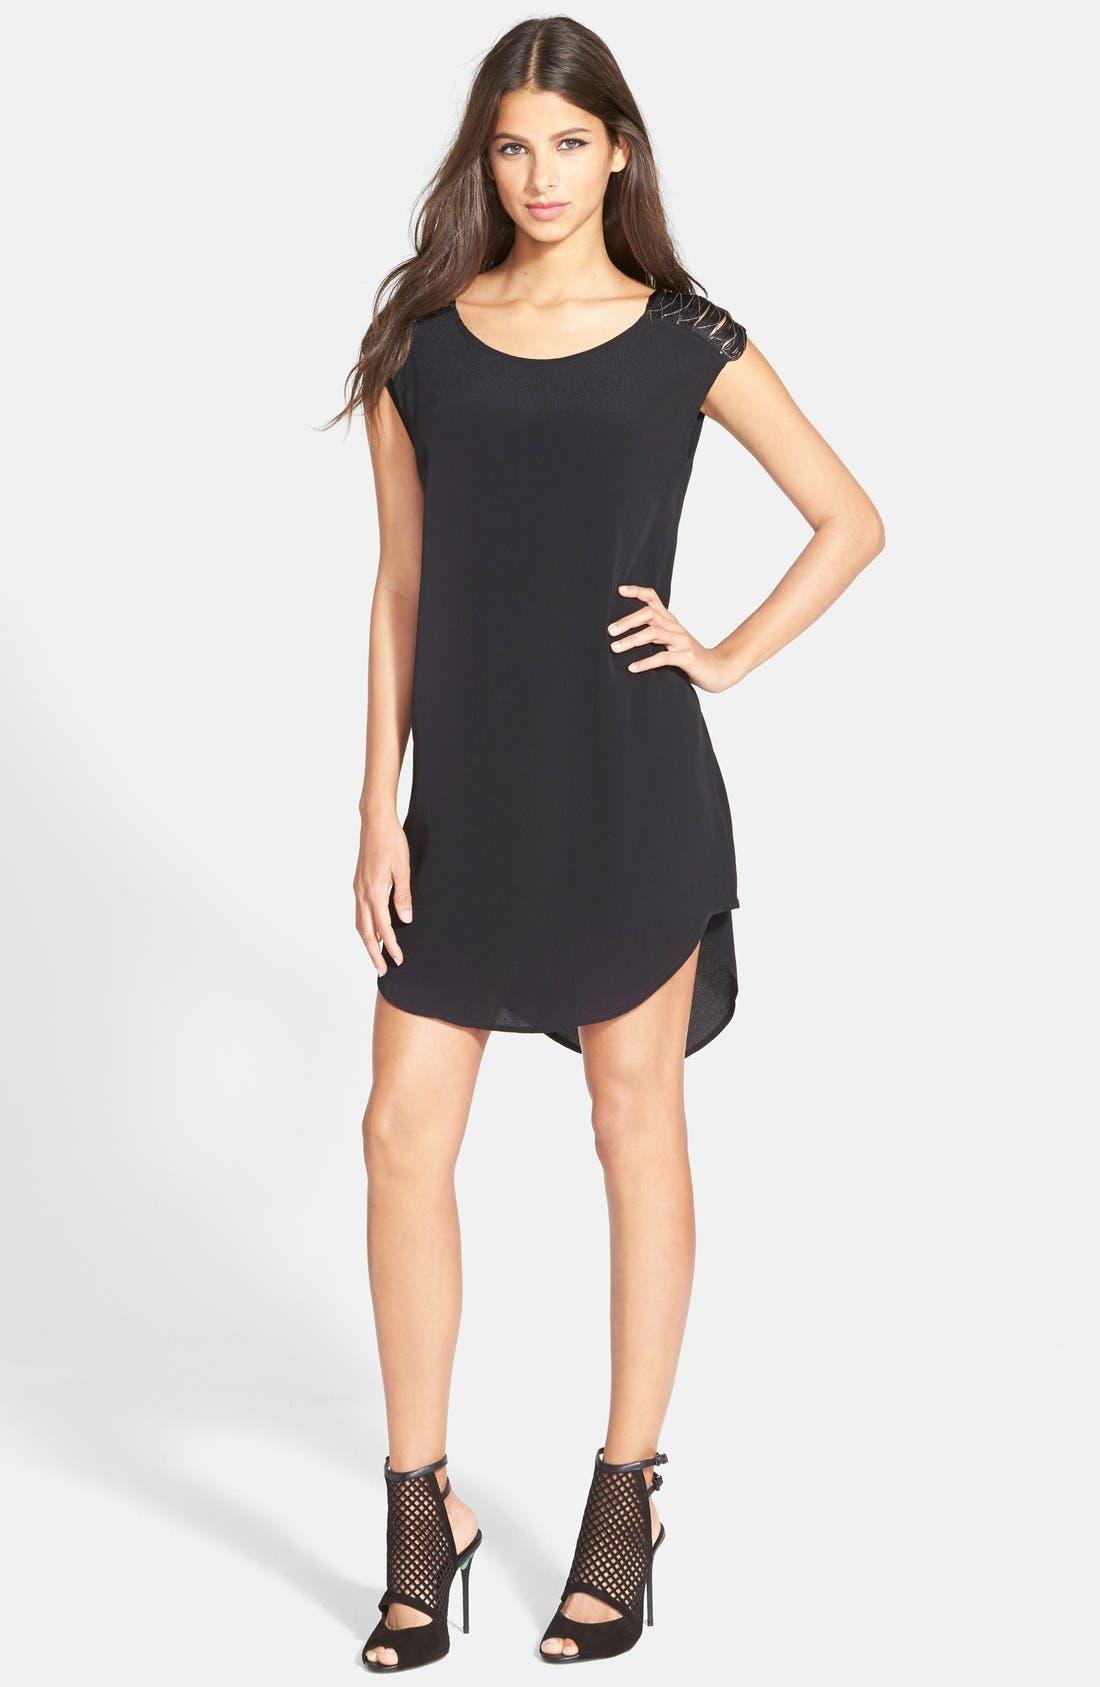 Alternate Image 1 Selected - ASTR Chain Shoulder Shift Dress